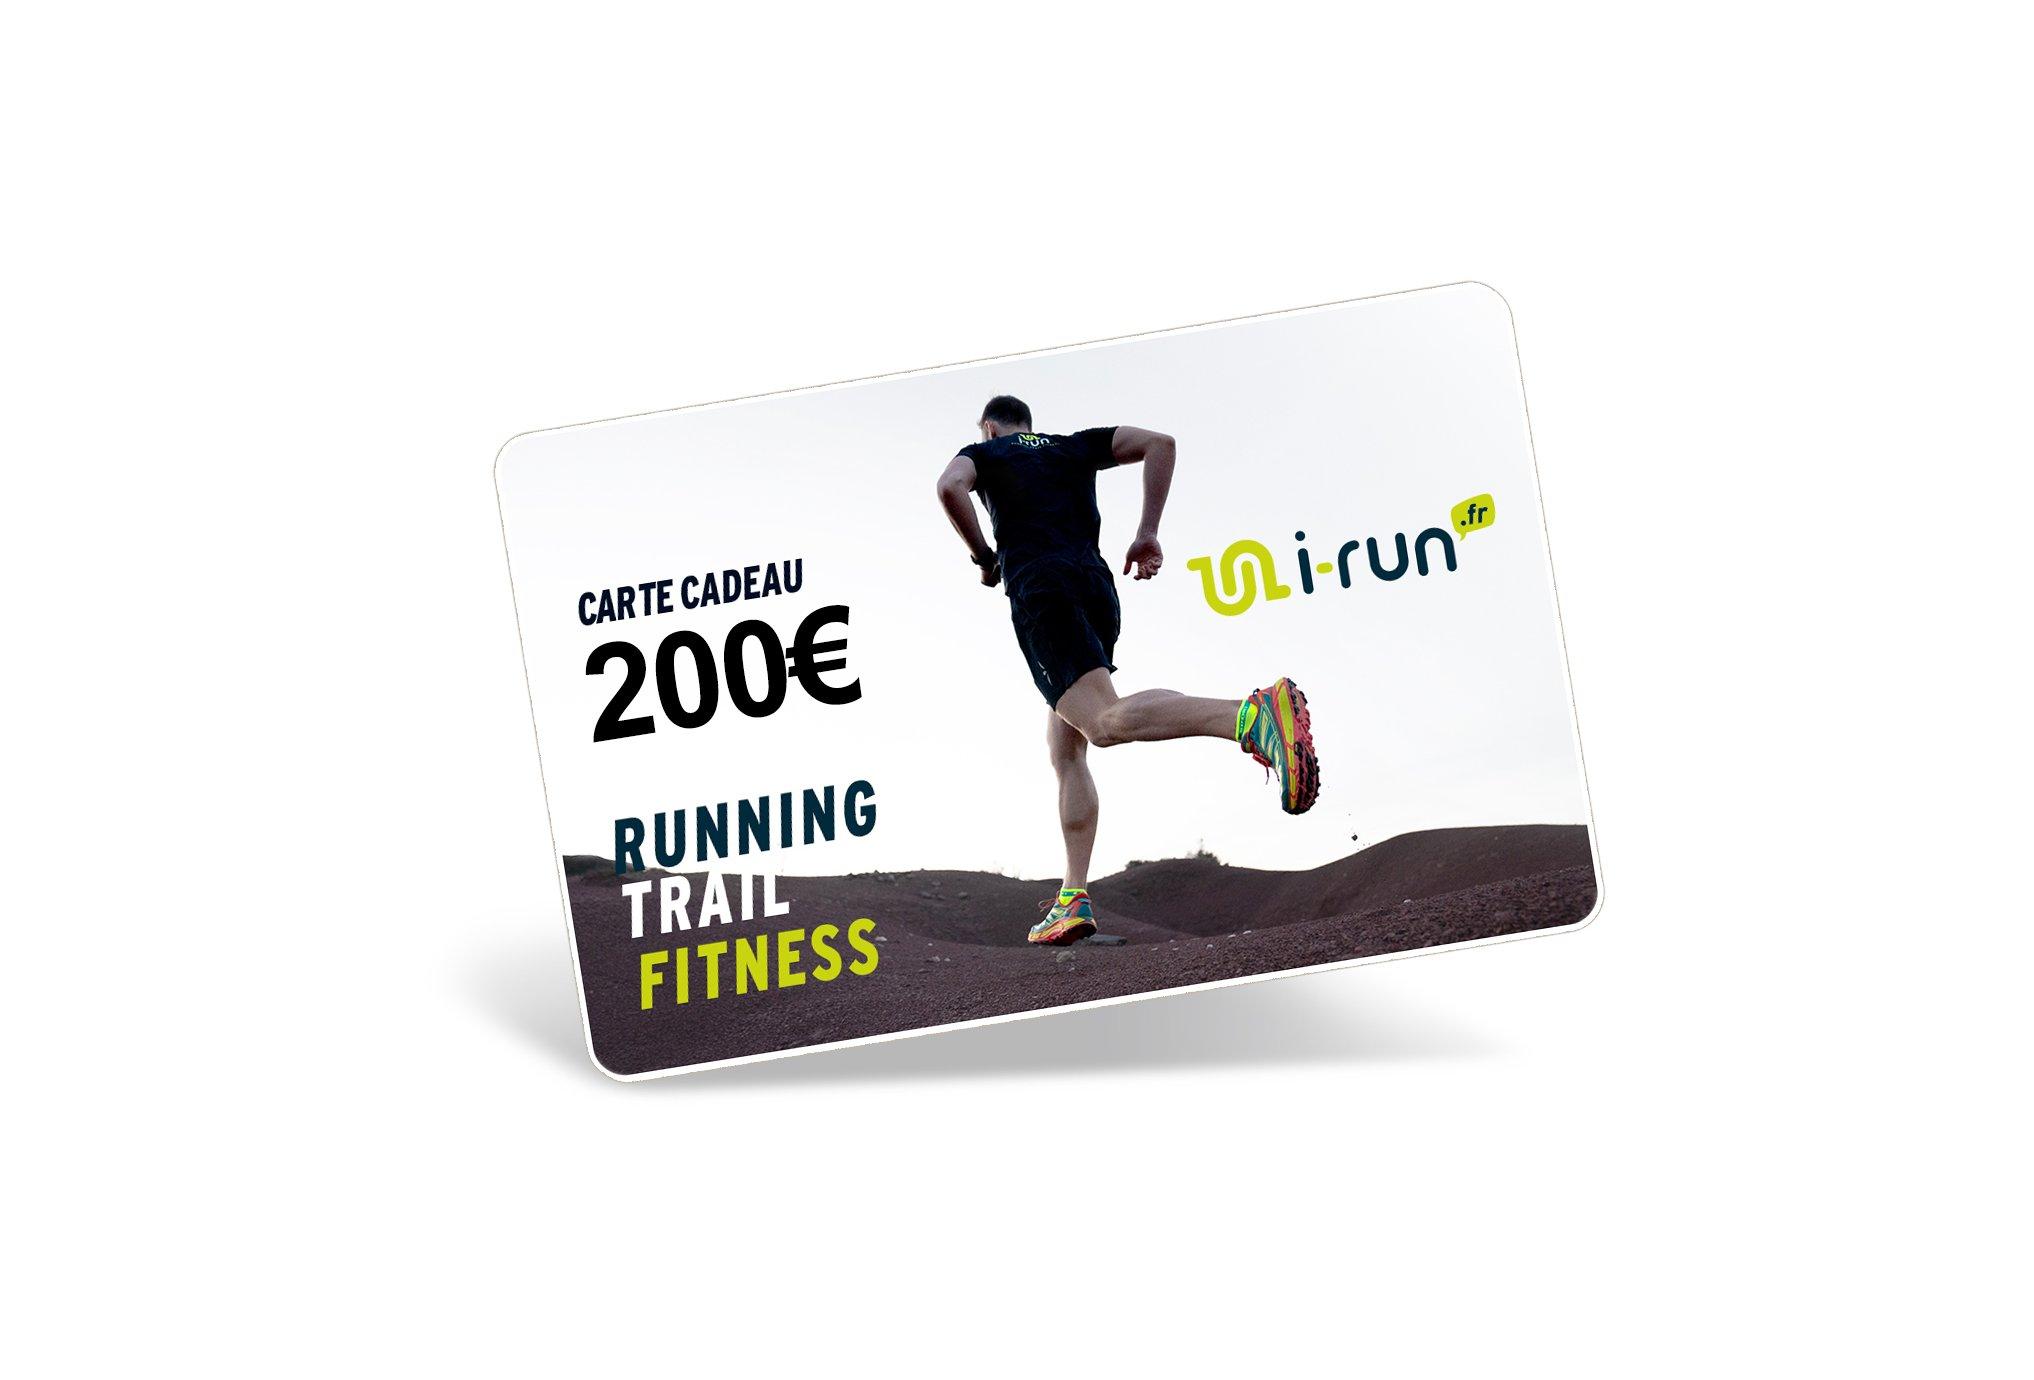 i-run.fr Carte Cadeau 200 M Cartes Cadeau